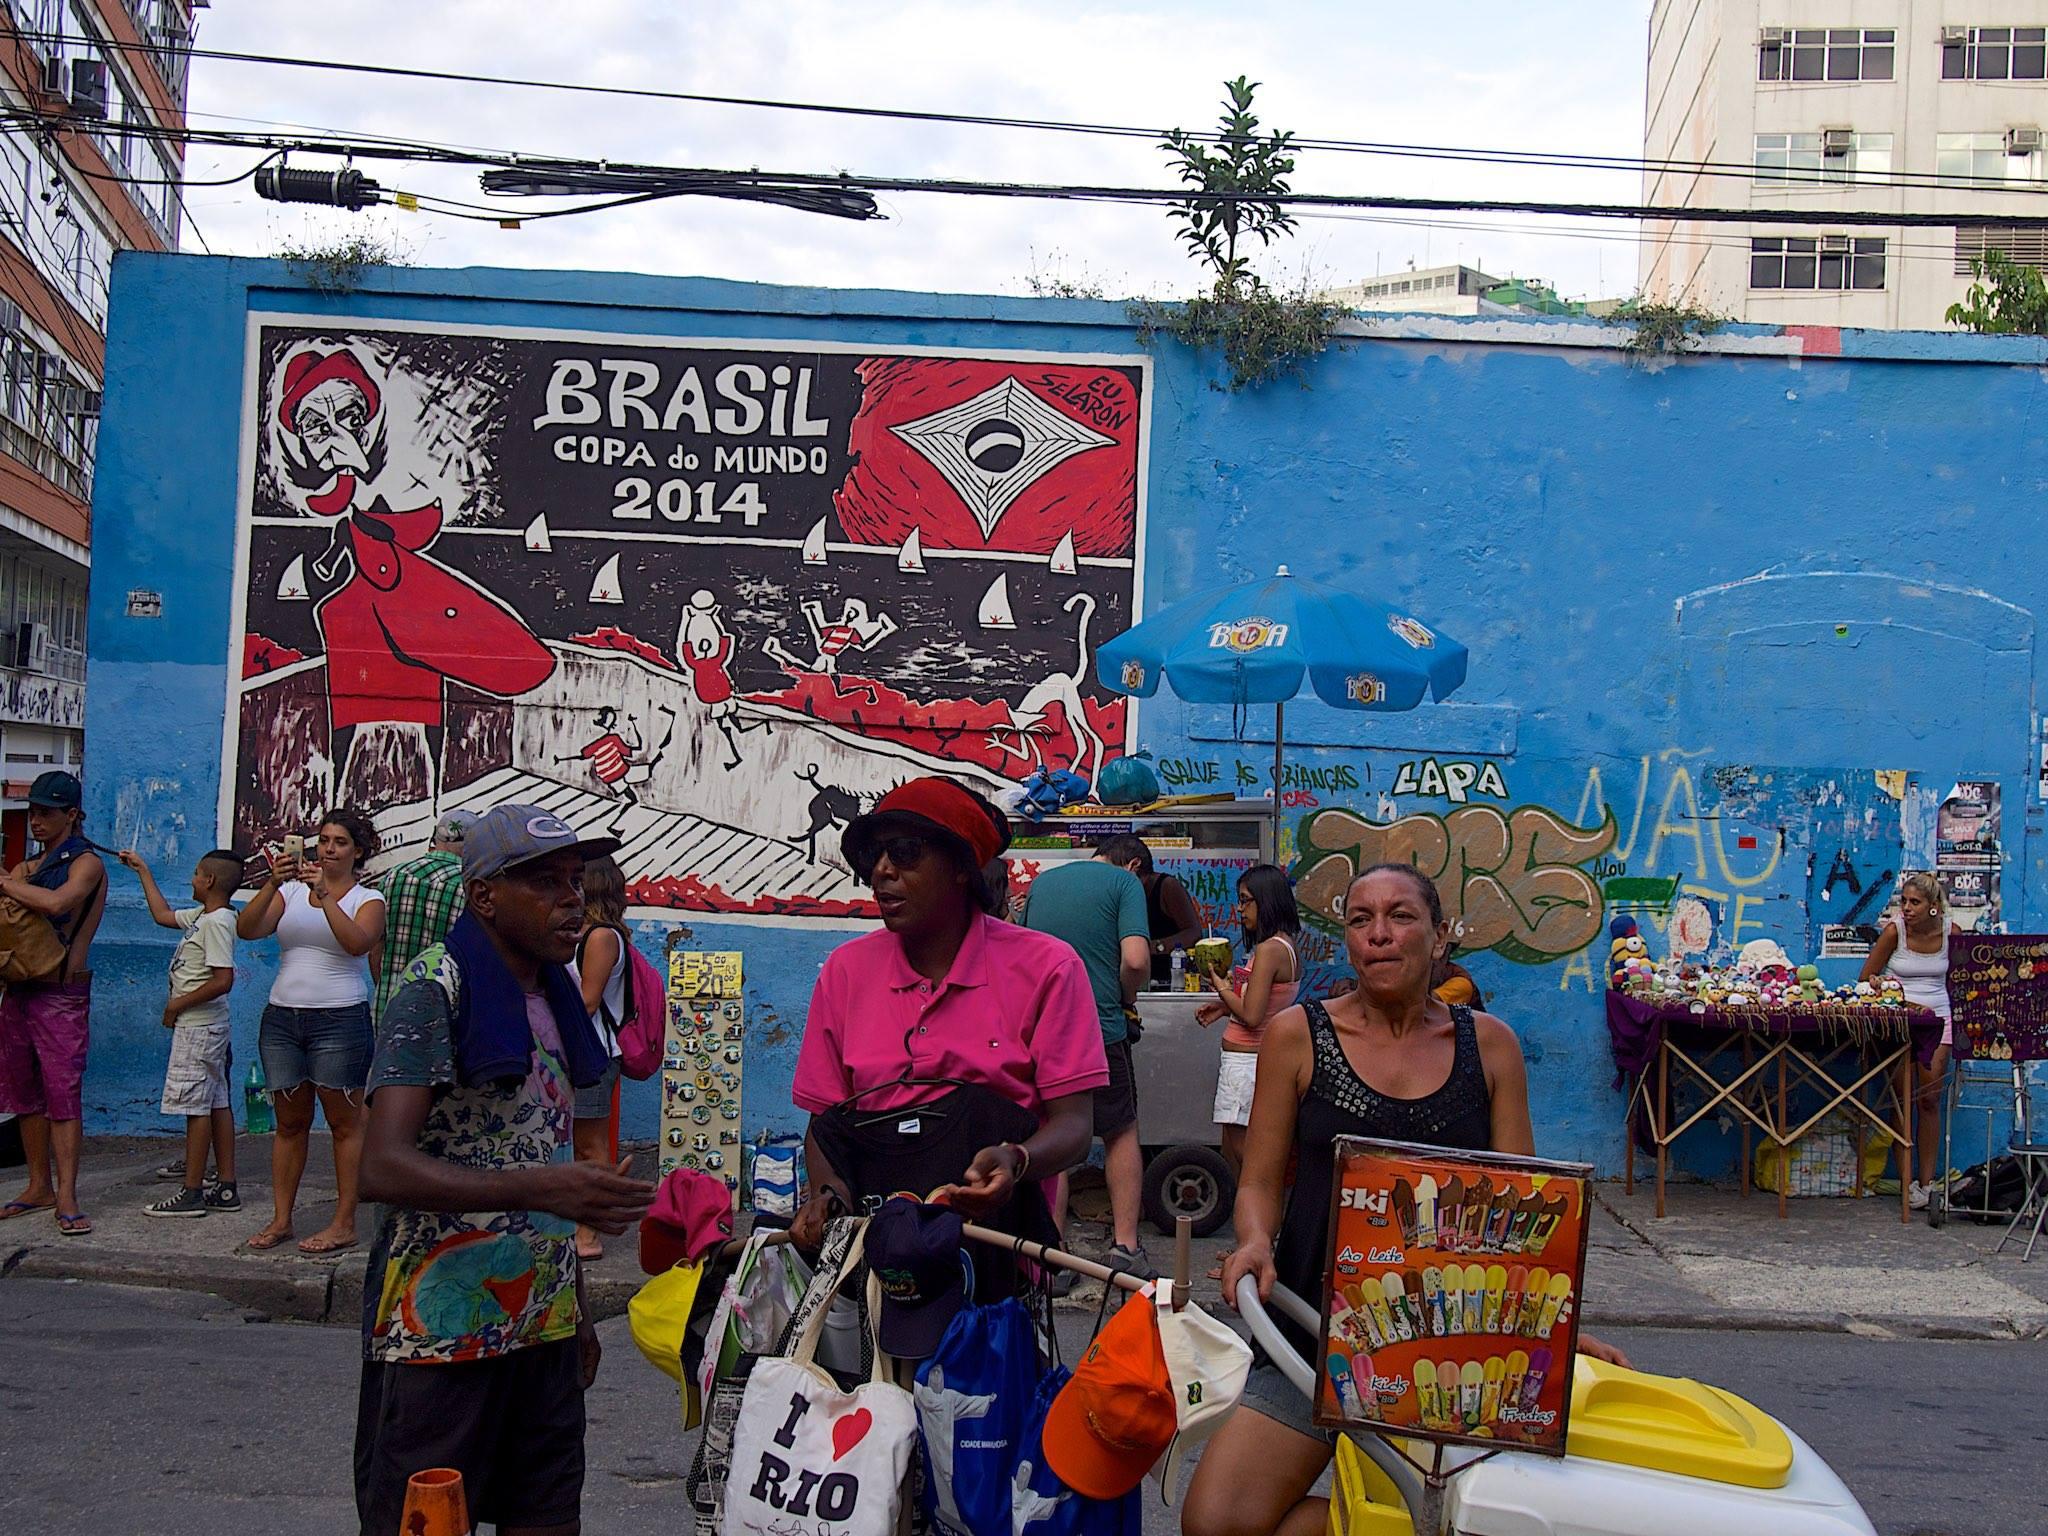 Street vendors in Lapa, Brazil